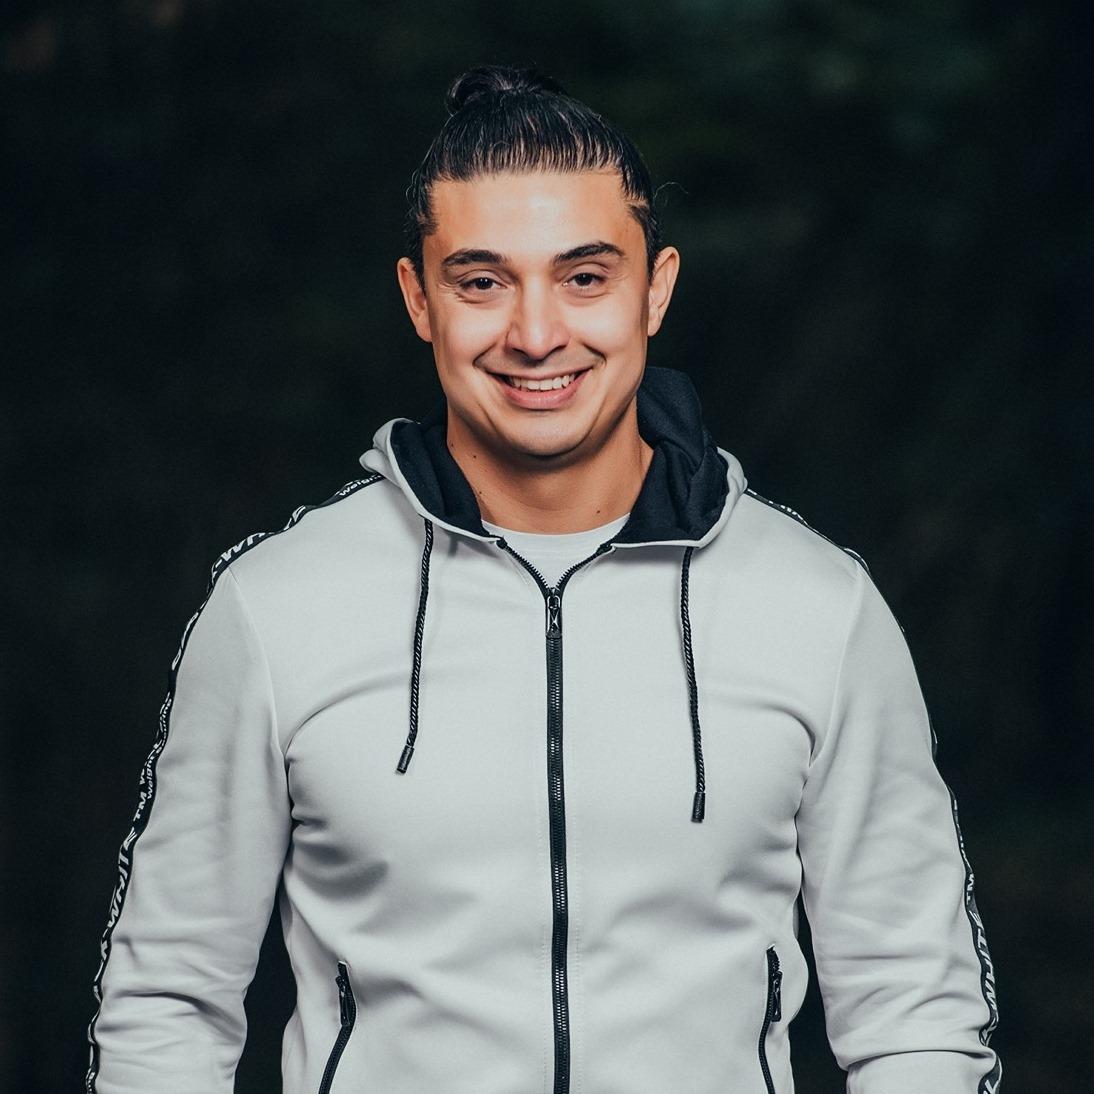 Alex Florescu